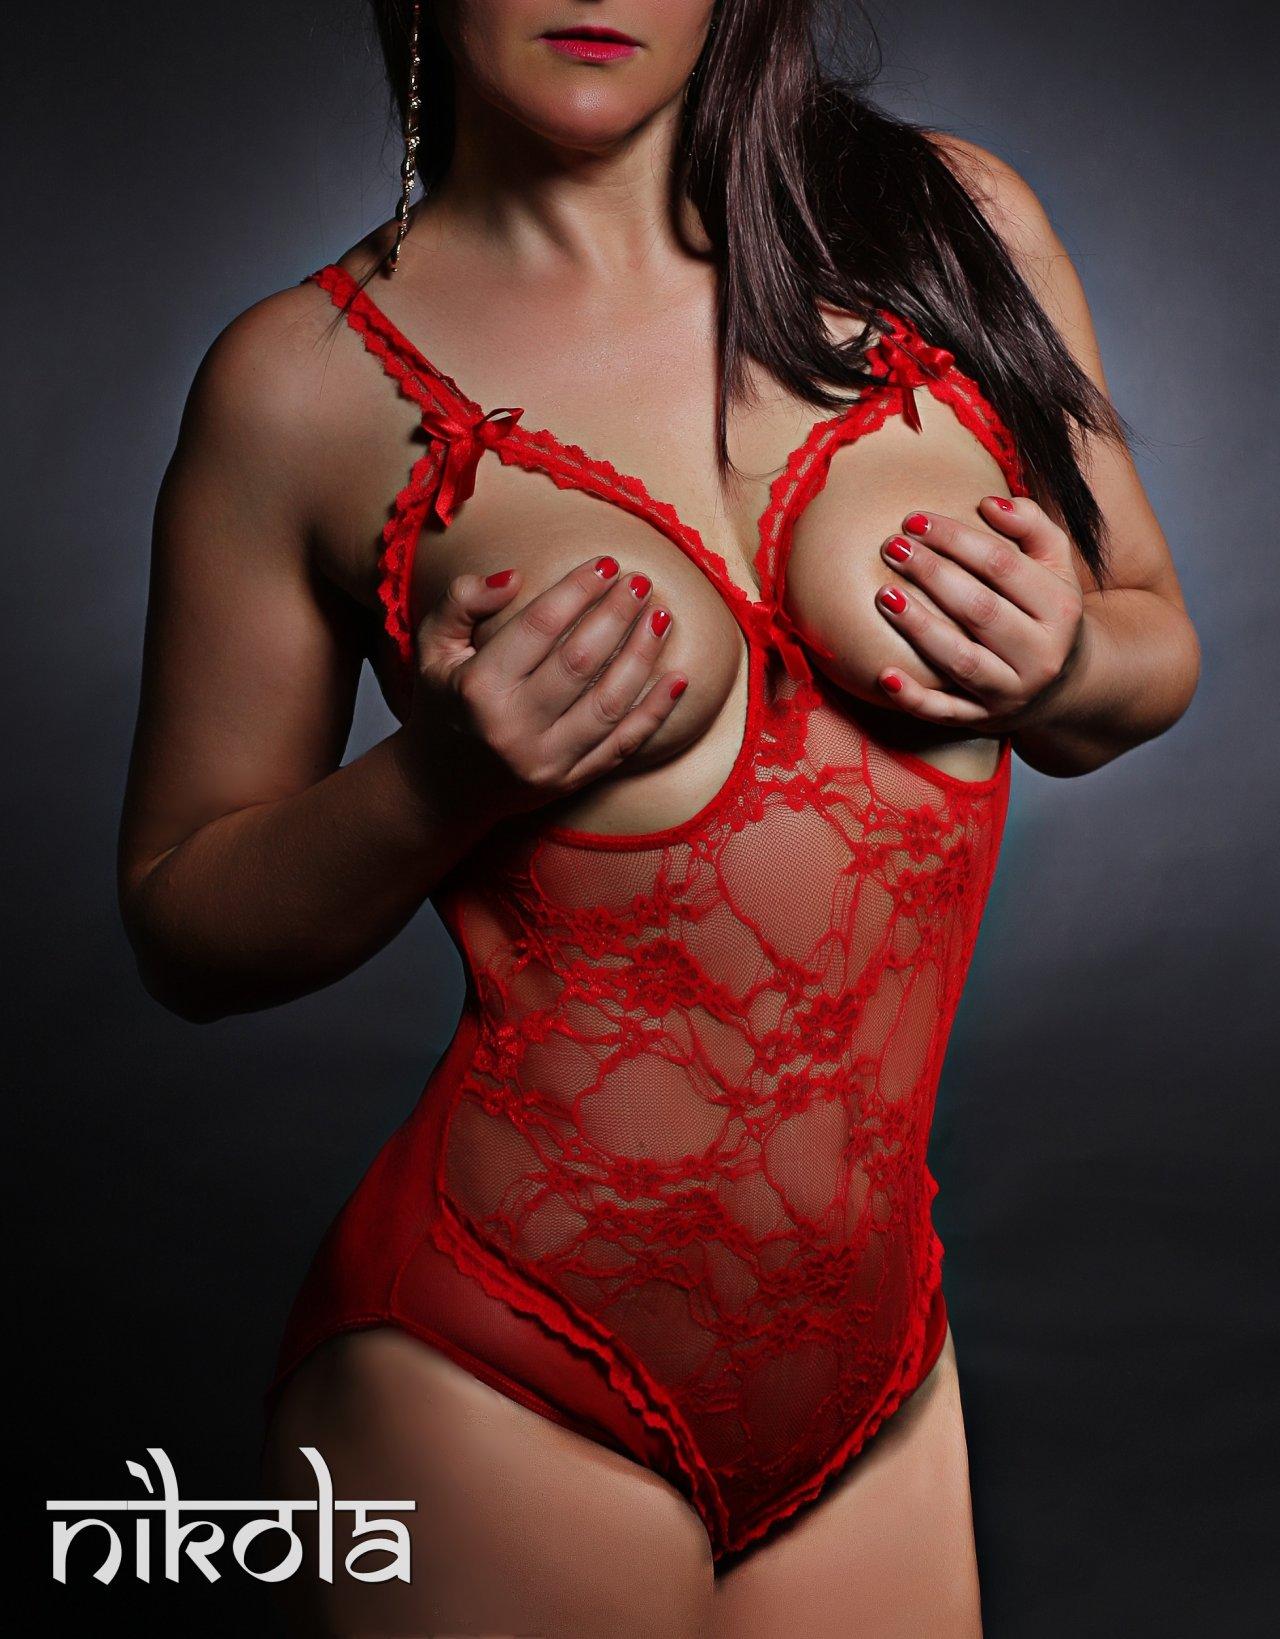 pánský anál erotické masáže video